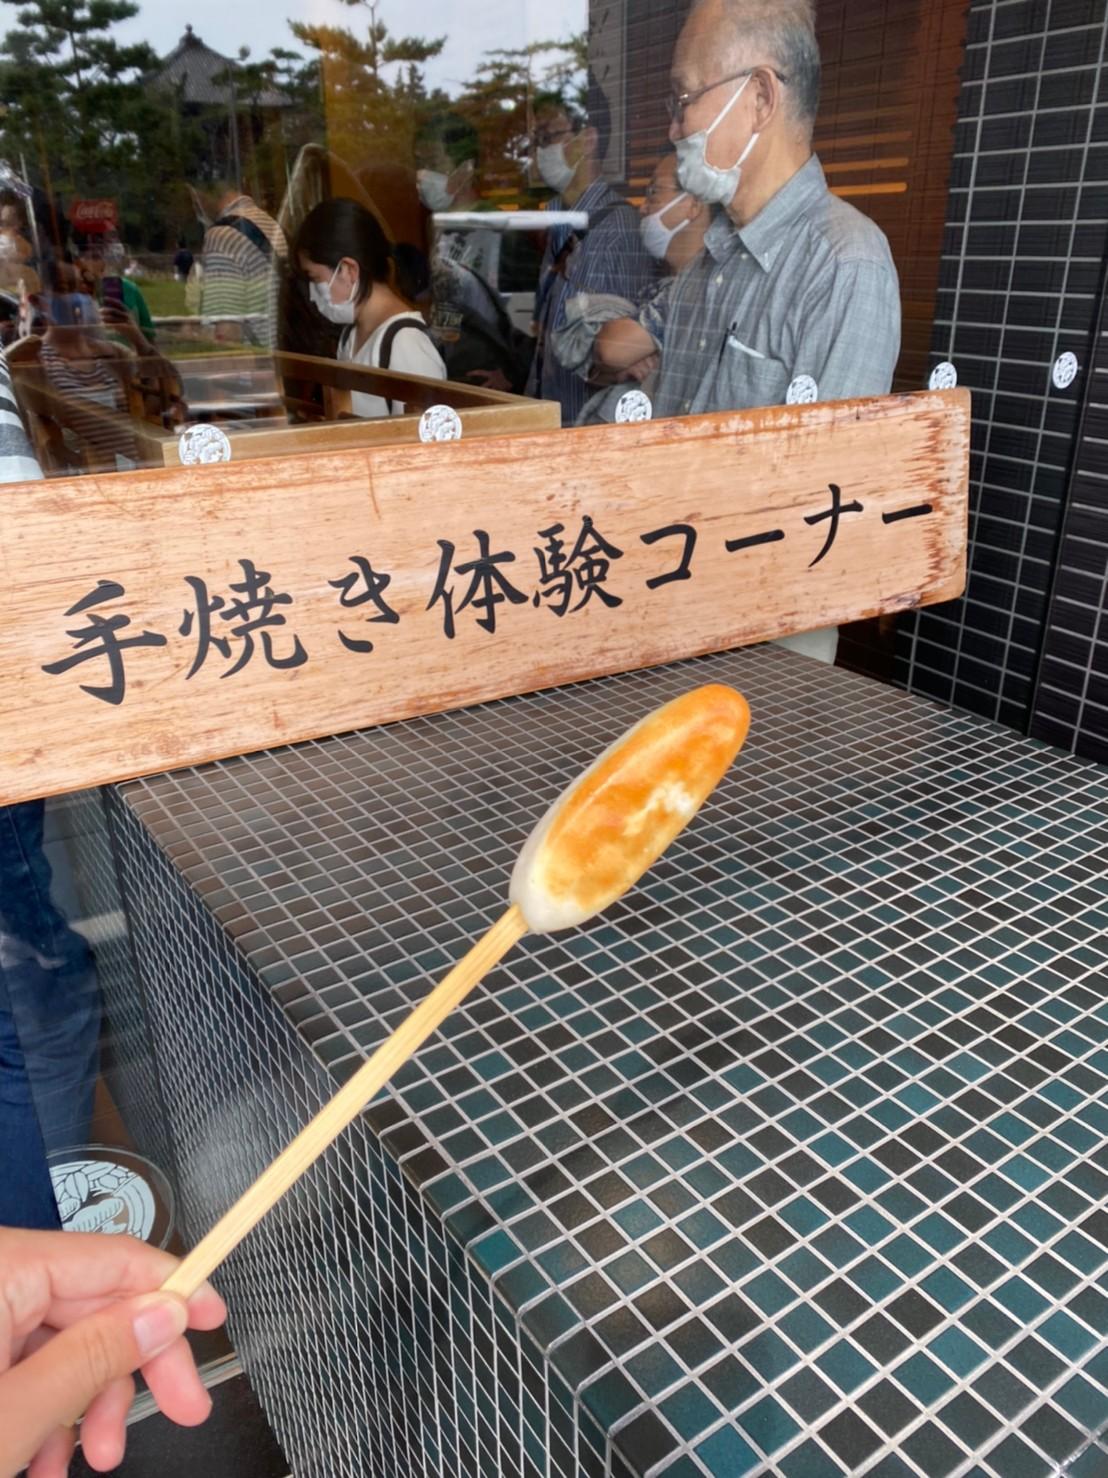 【プチ旅行】仙台の牛タンが美味しすぎる...日本三景《松島》で食べ歩きの旅❤︎_6